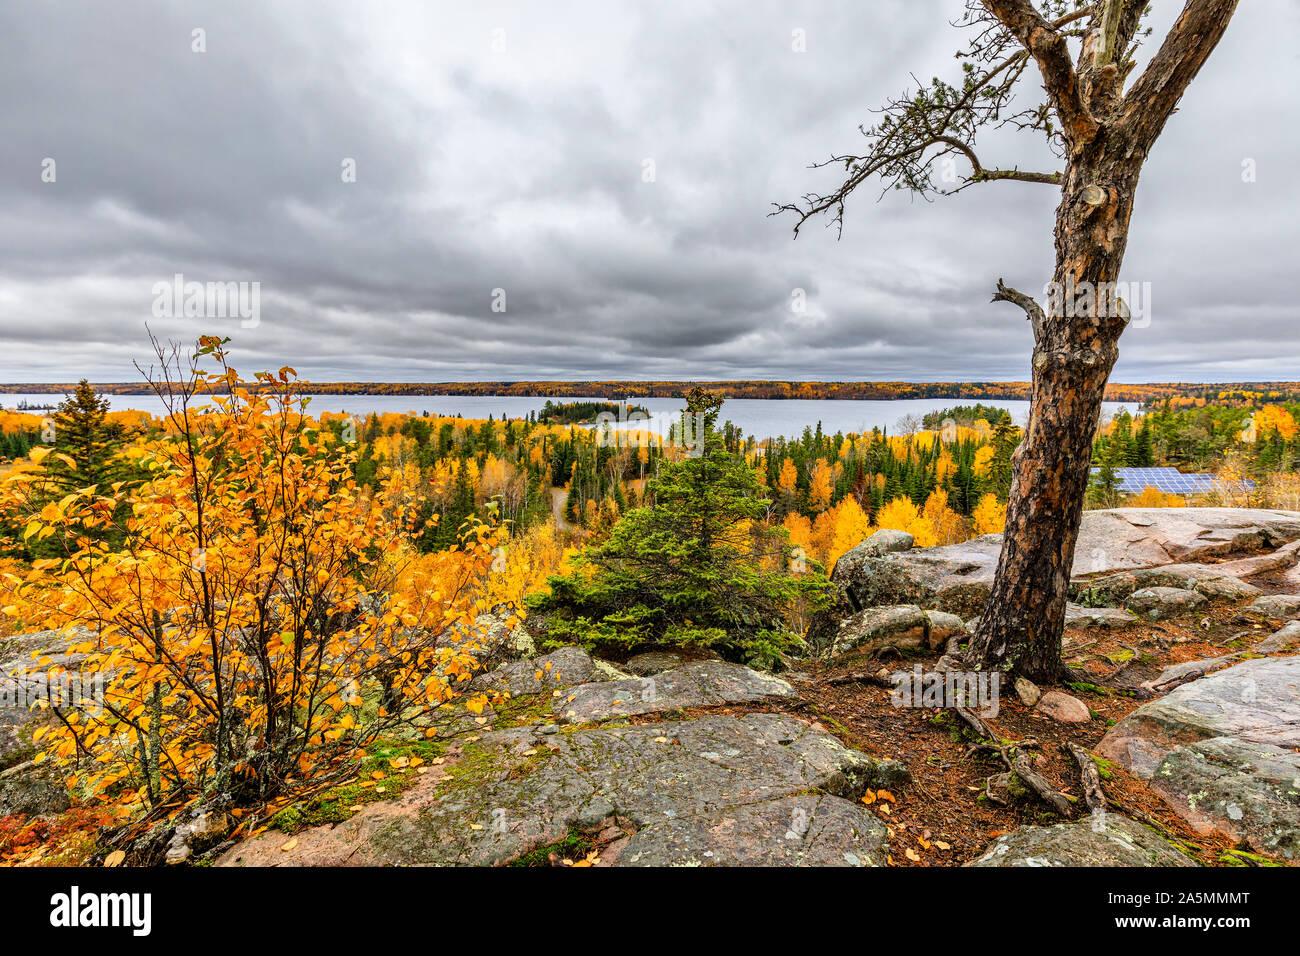 La cima del mundo trail olvidar, en otoño, el Parque Provincial Whiteshell, Manitoba, Canadá. Foto de stock